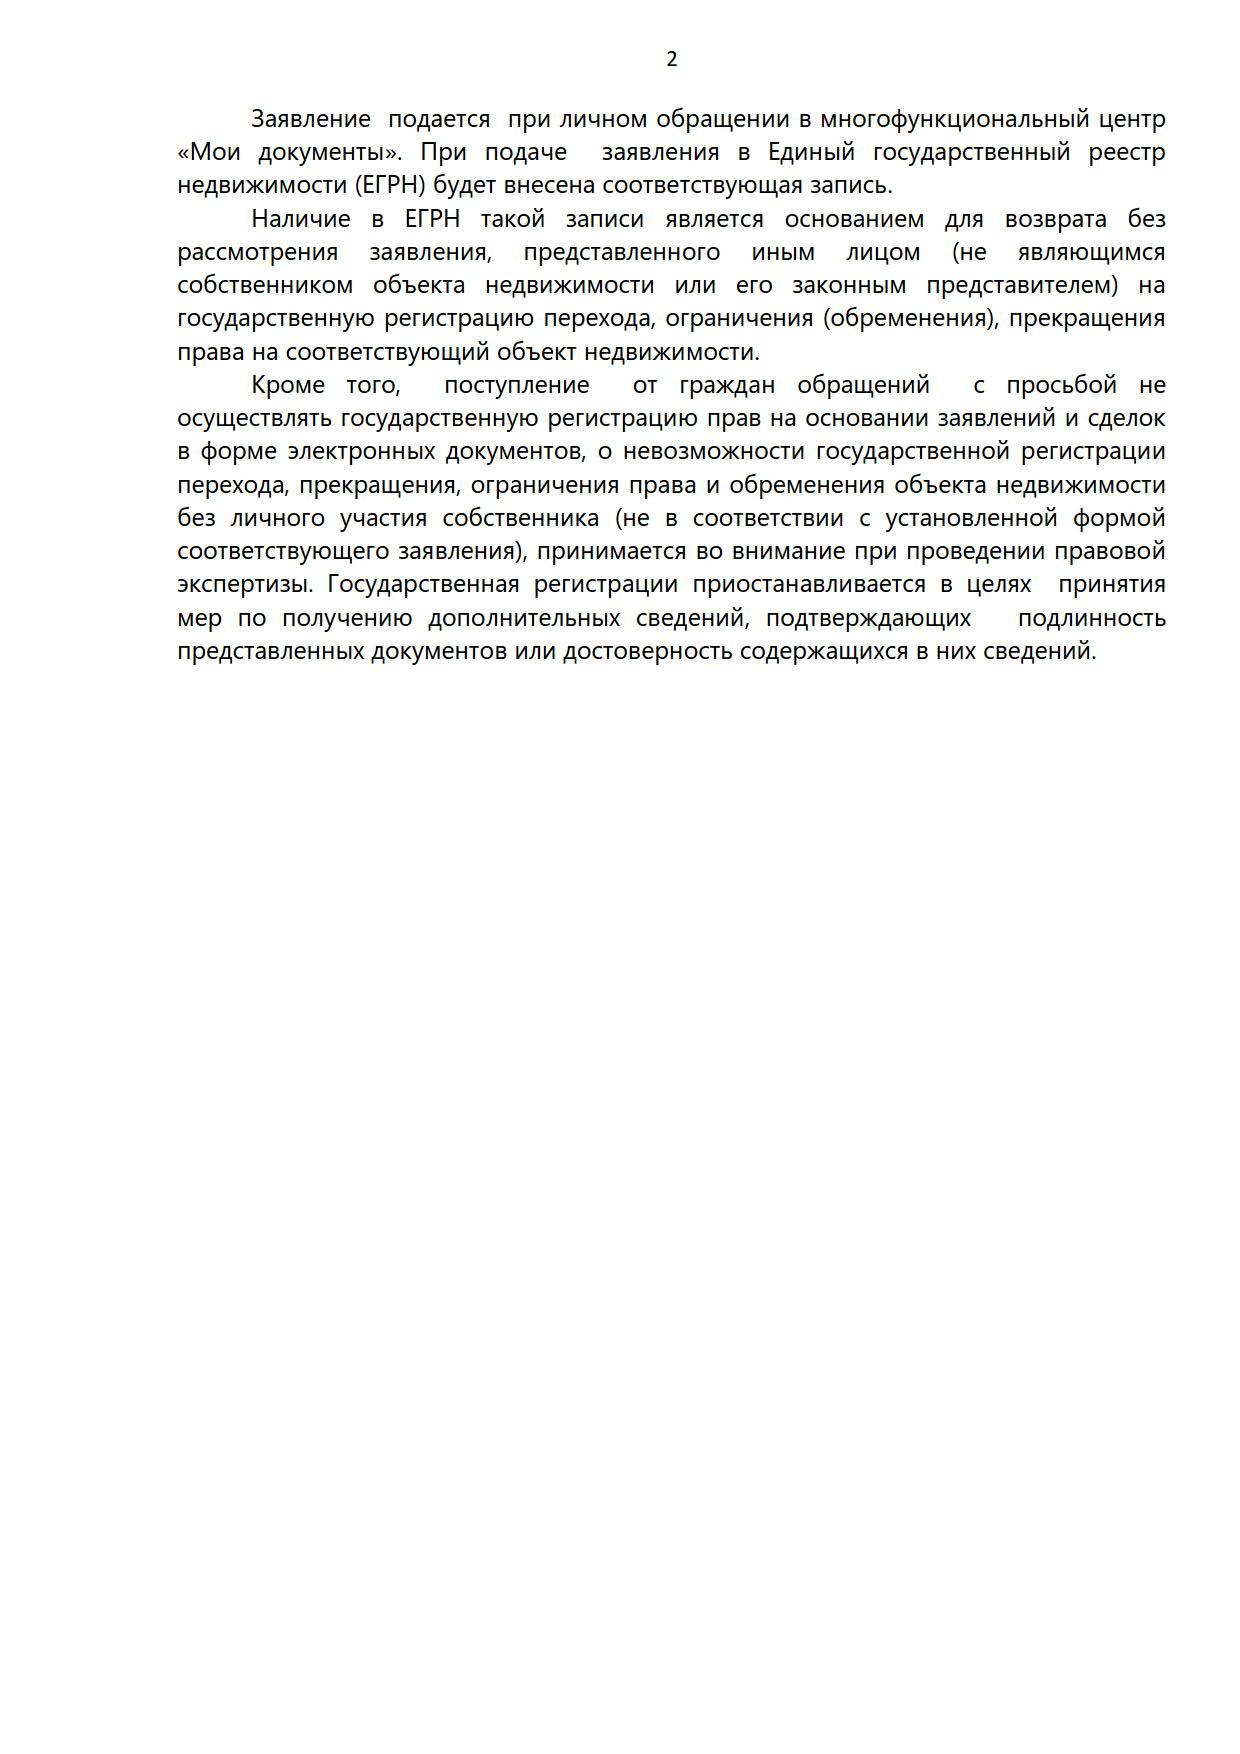 П-р Статистика_электронная регистрация 1 полугодие 2019_2